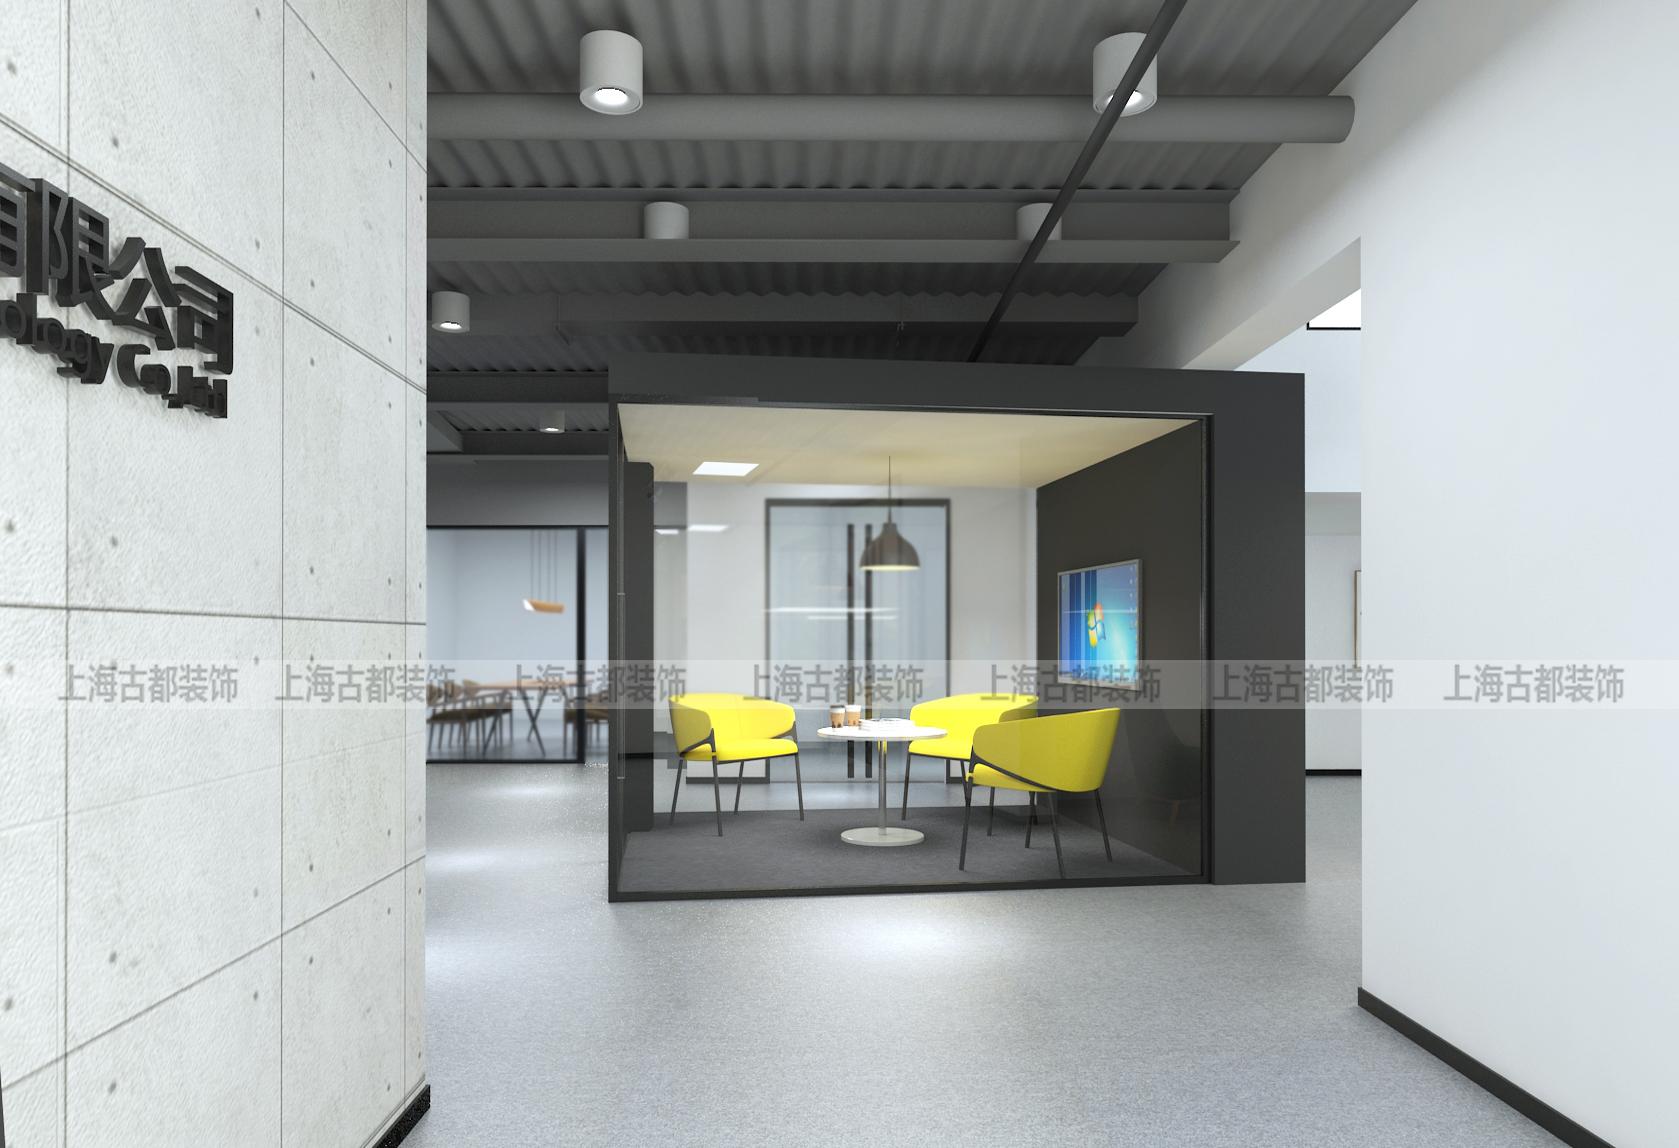 浦东金桥谷创意园策永科技公司办公室设计